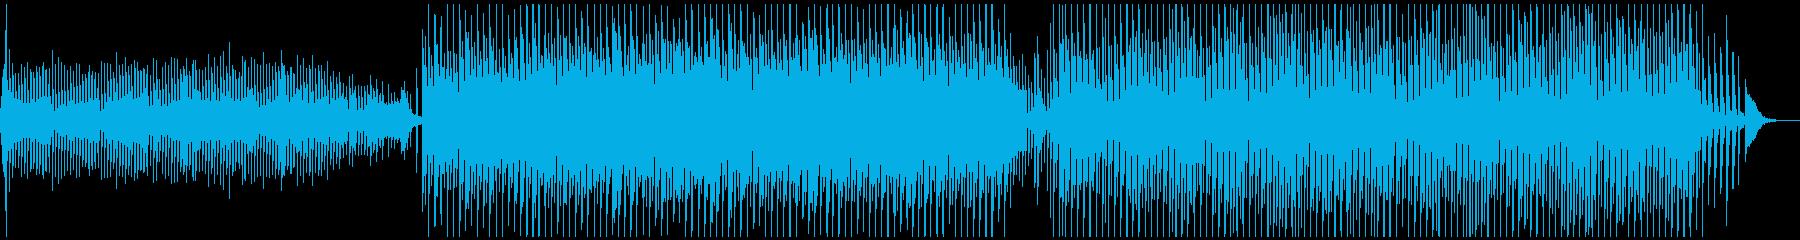 放課後EDM♪疾走感のあふれる1曲の再生済みの波形